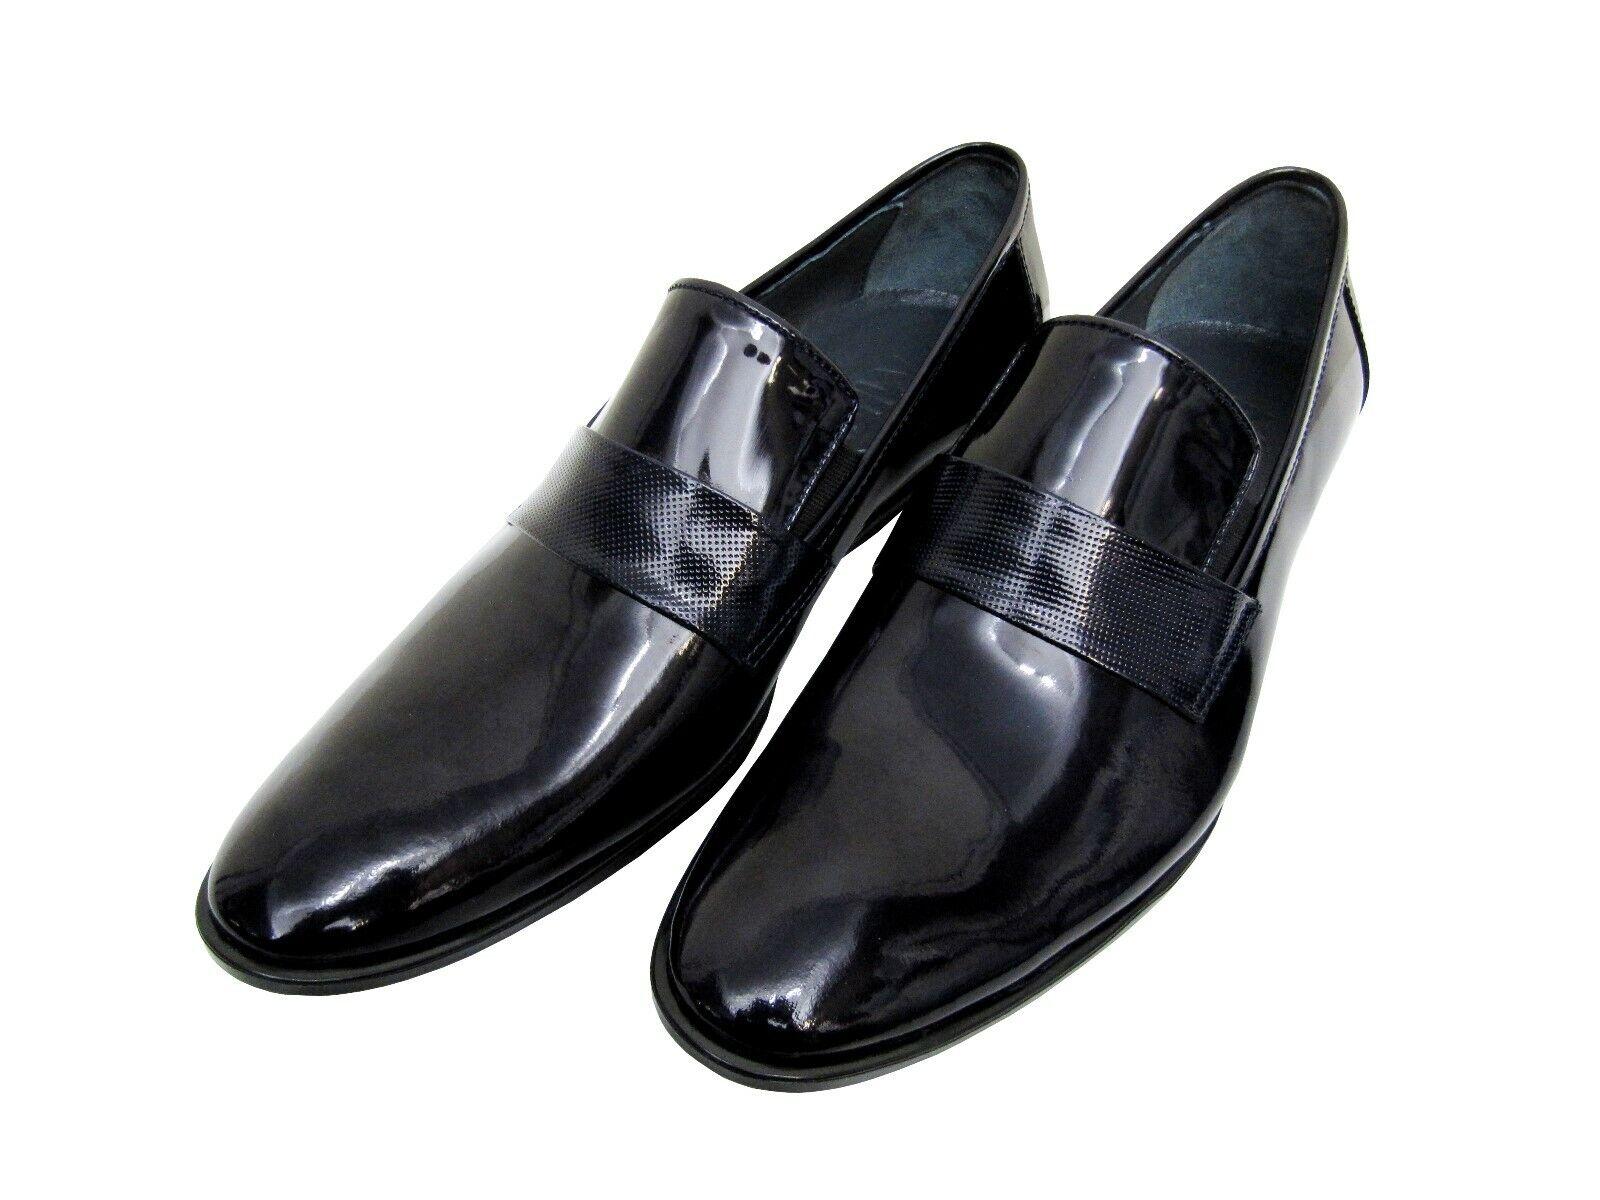 Herren Schuhe Slipper Echtleder Gr.45 blau glänzend